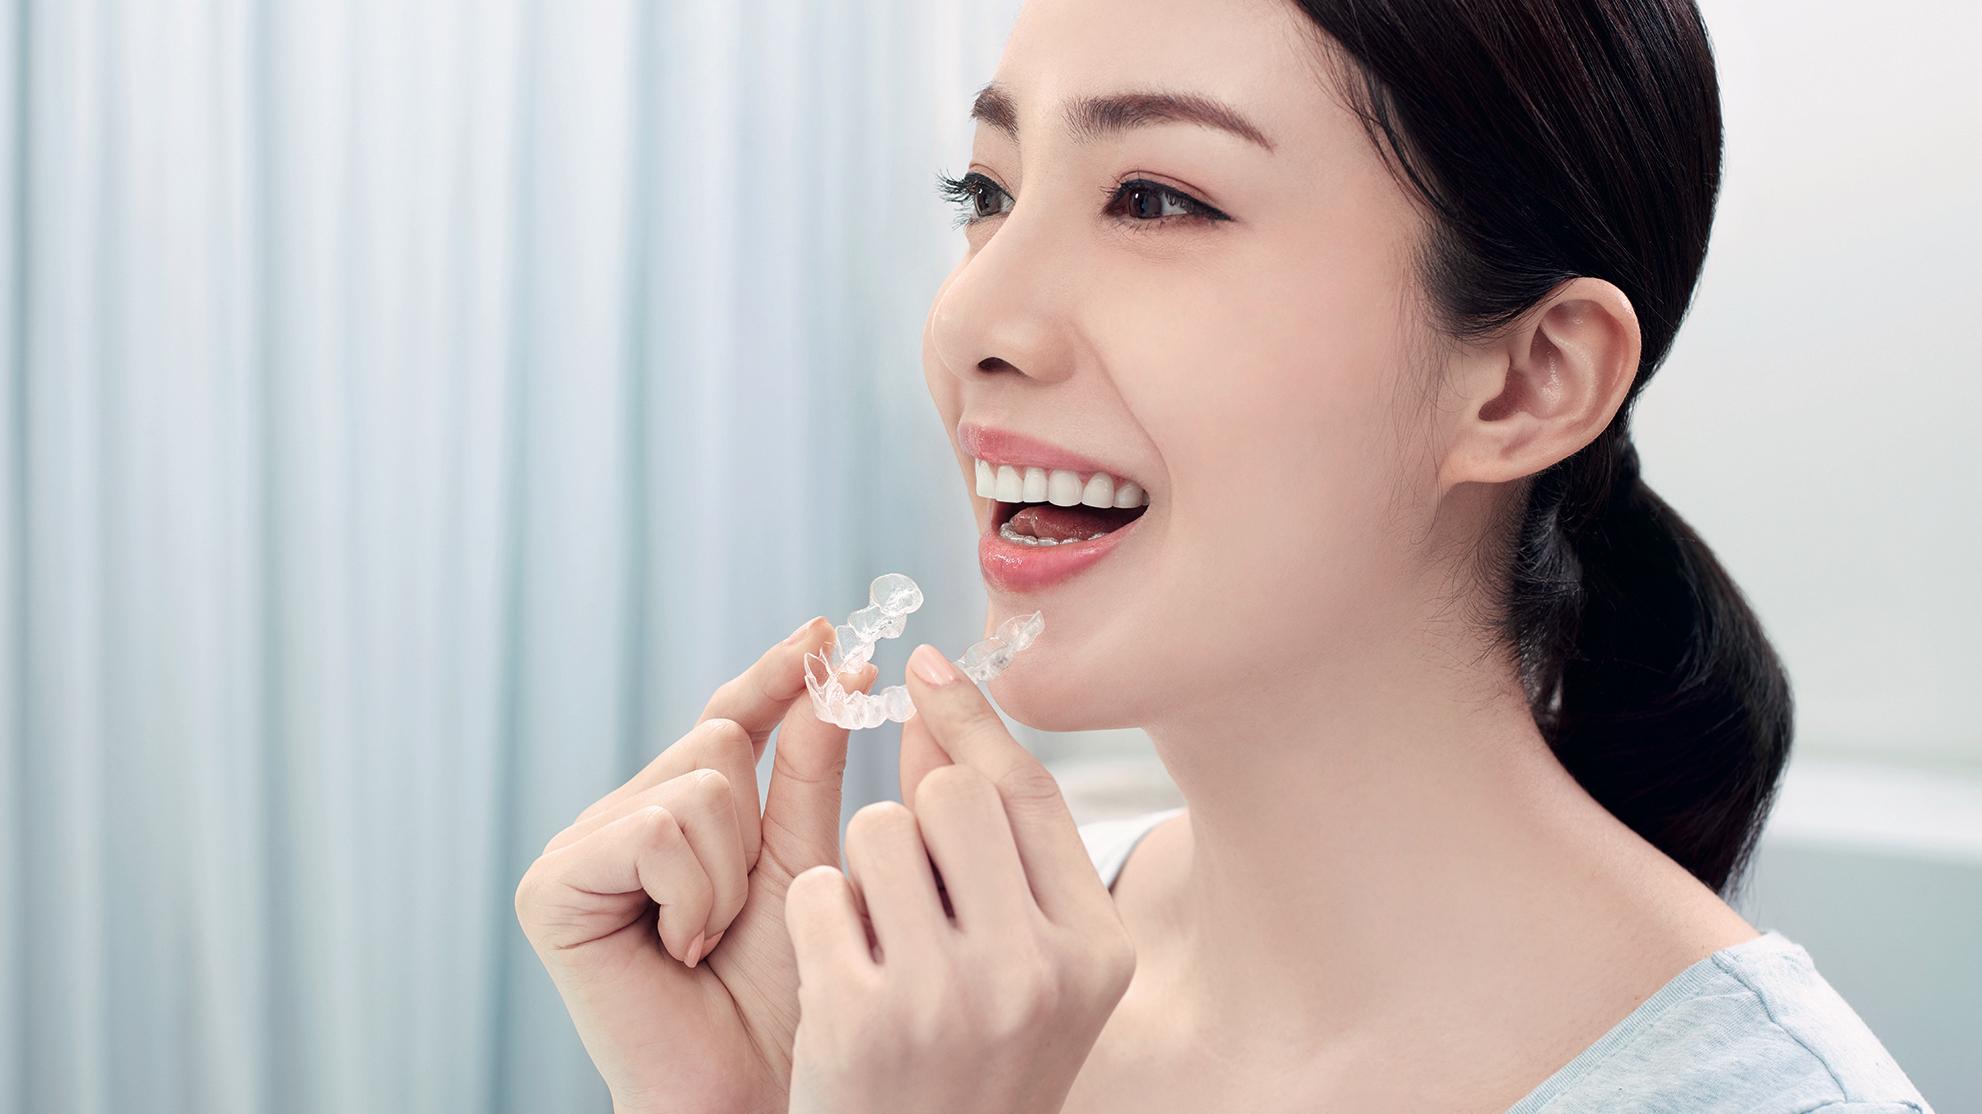 マウスピース型矯正歯科装置(インビザライン)について